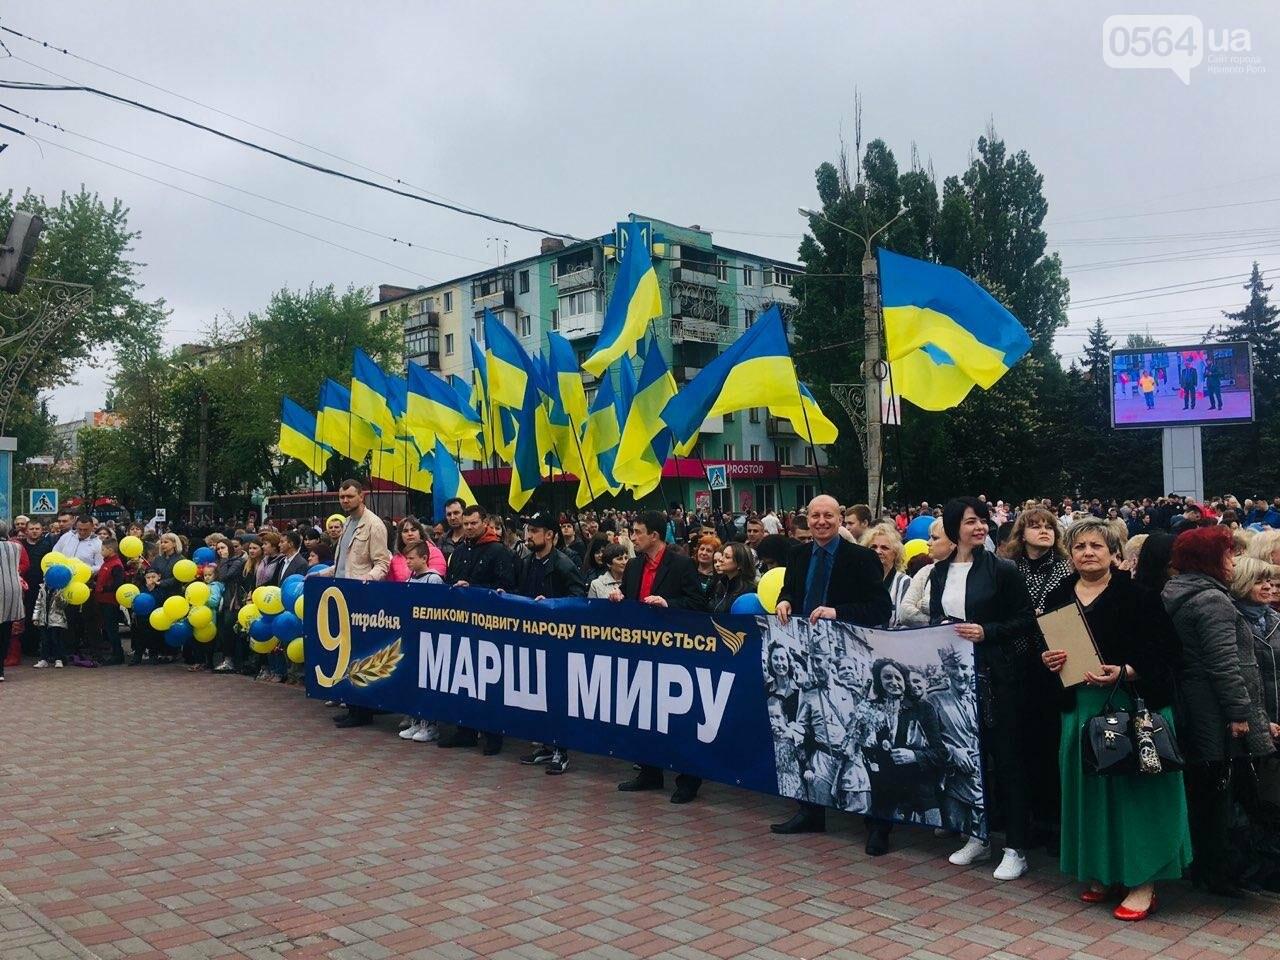 """9 мая в Кривом Роге: """"Марш мира"""" в Покровском районе стал самым массовым мероприятием, - ФОТО, фото-19"""